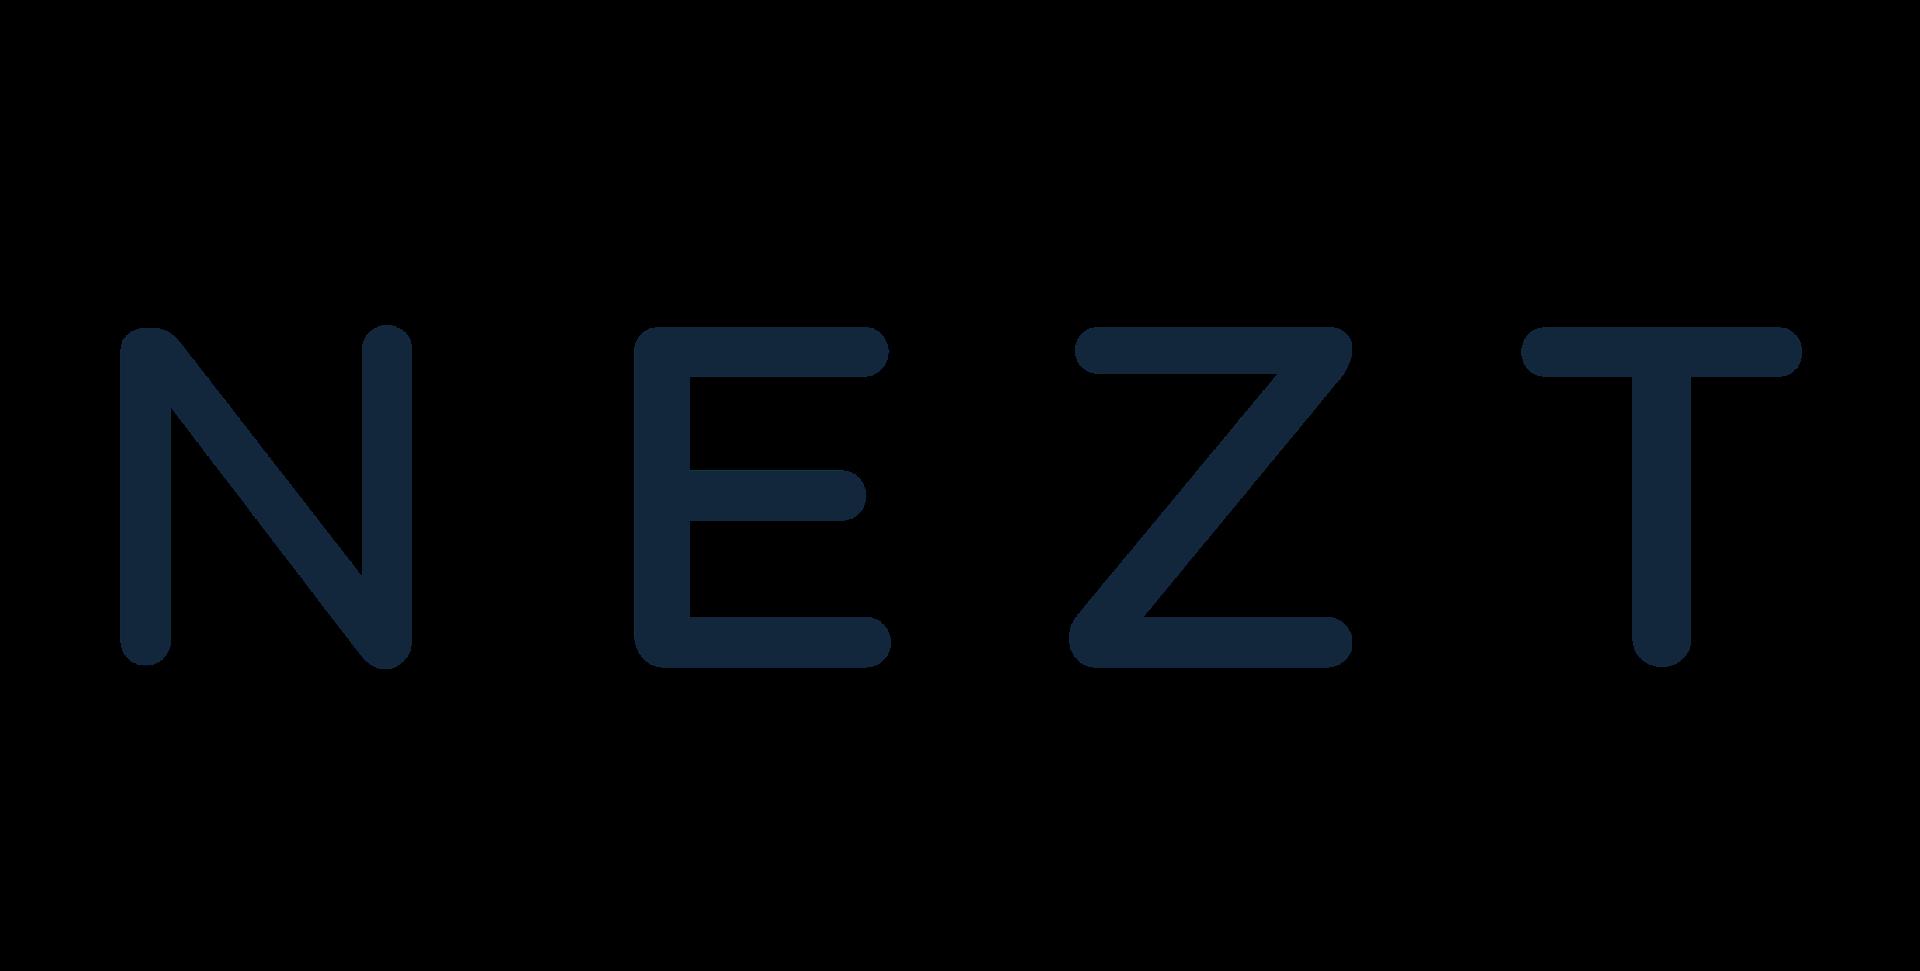 NEZTSLEEP